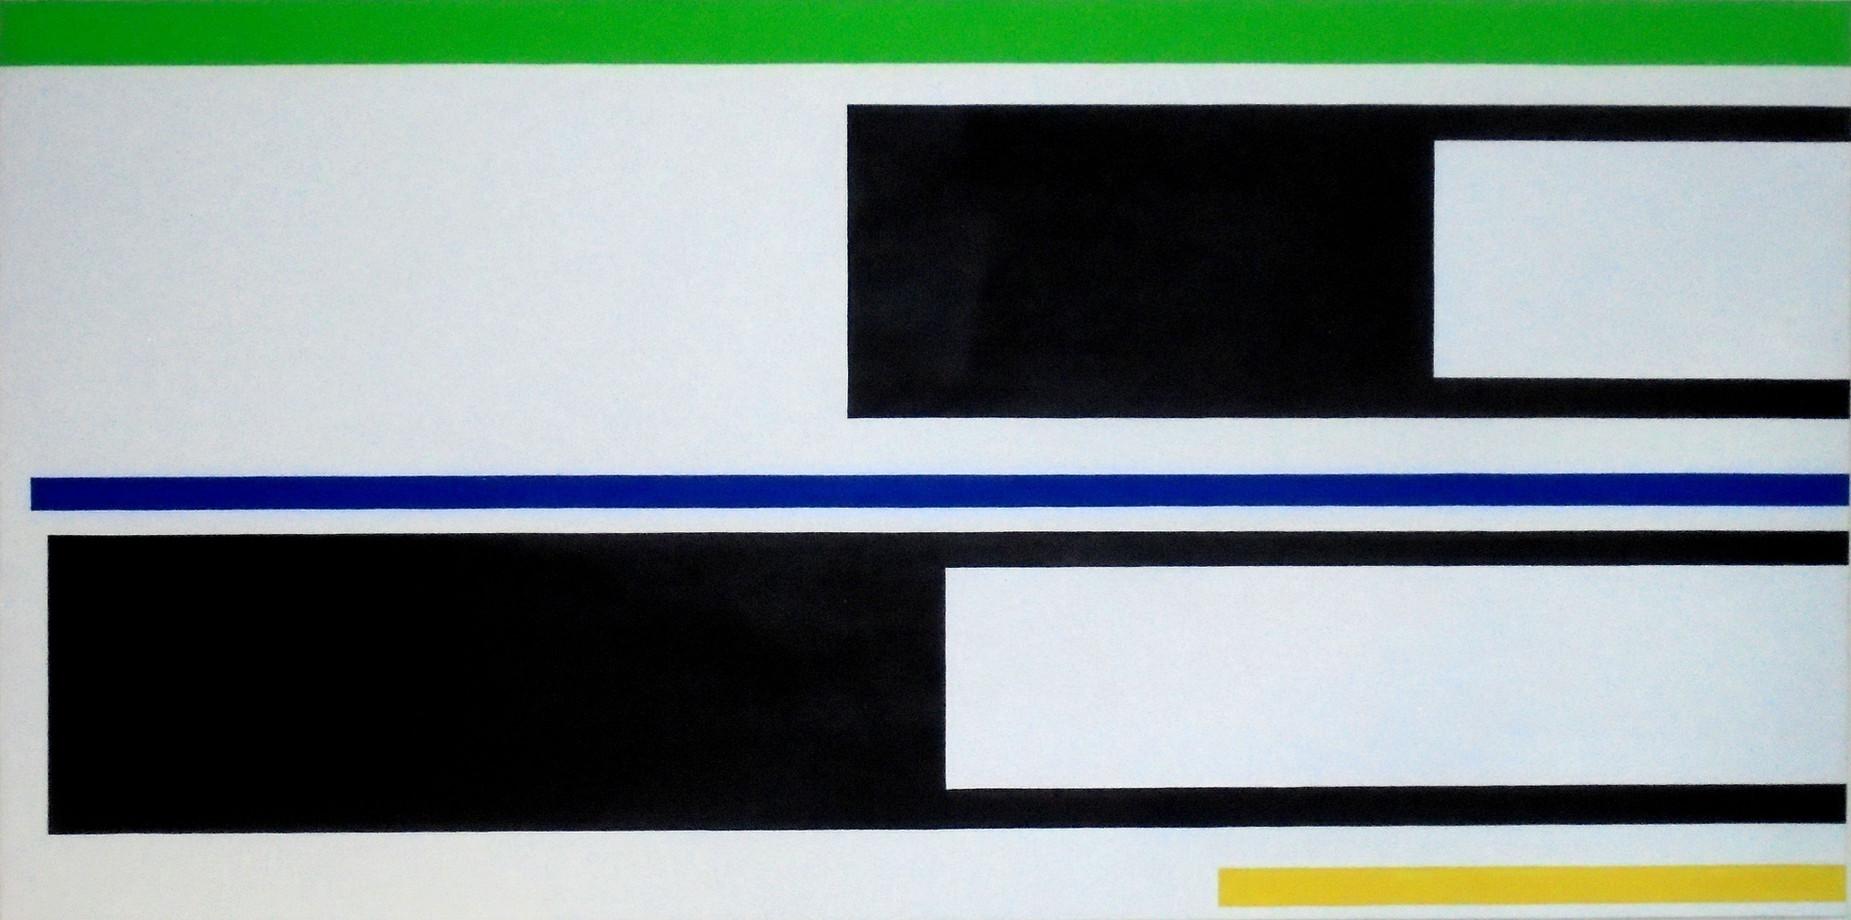 2001, acrylique sur toile, 80x160 cm